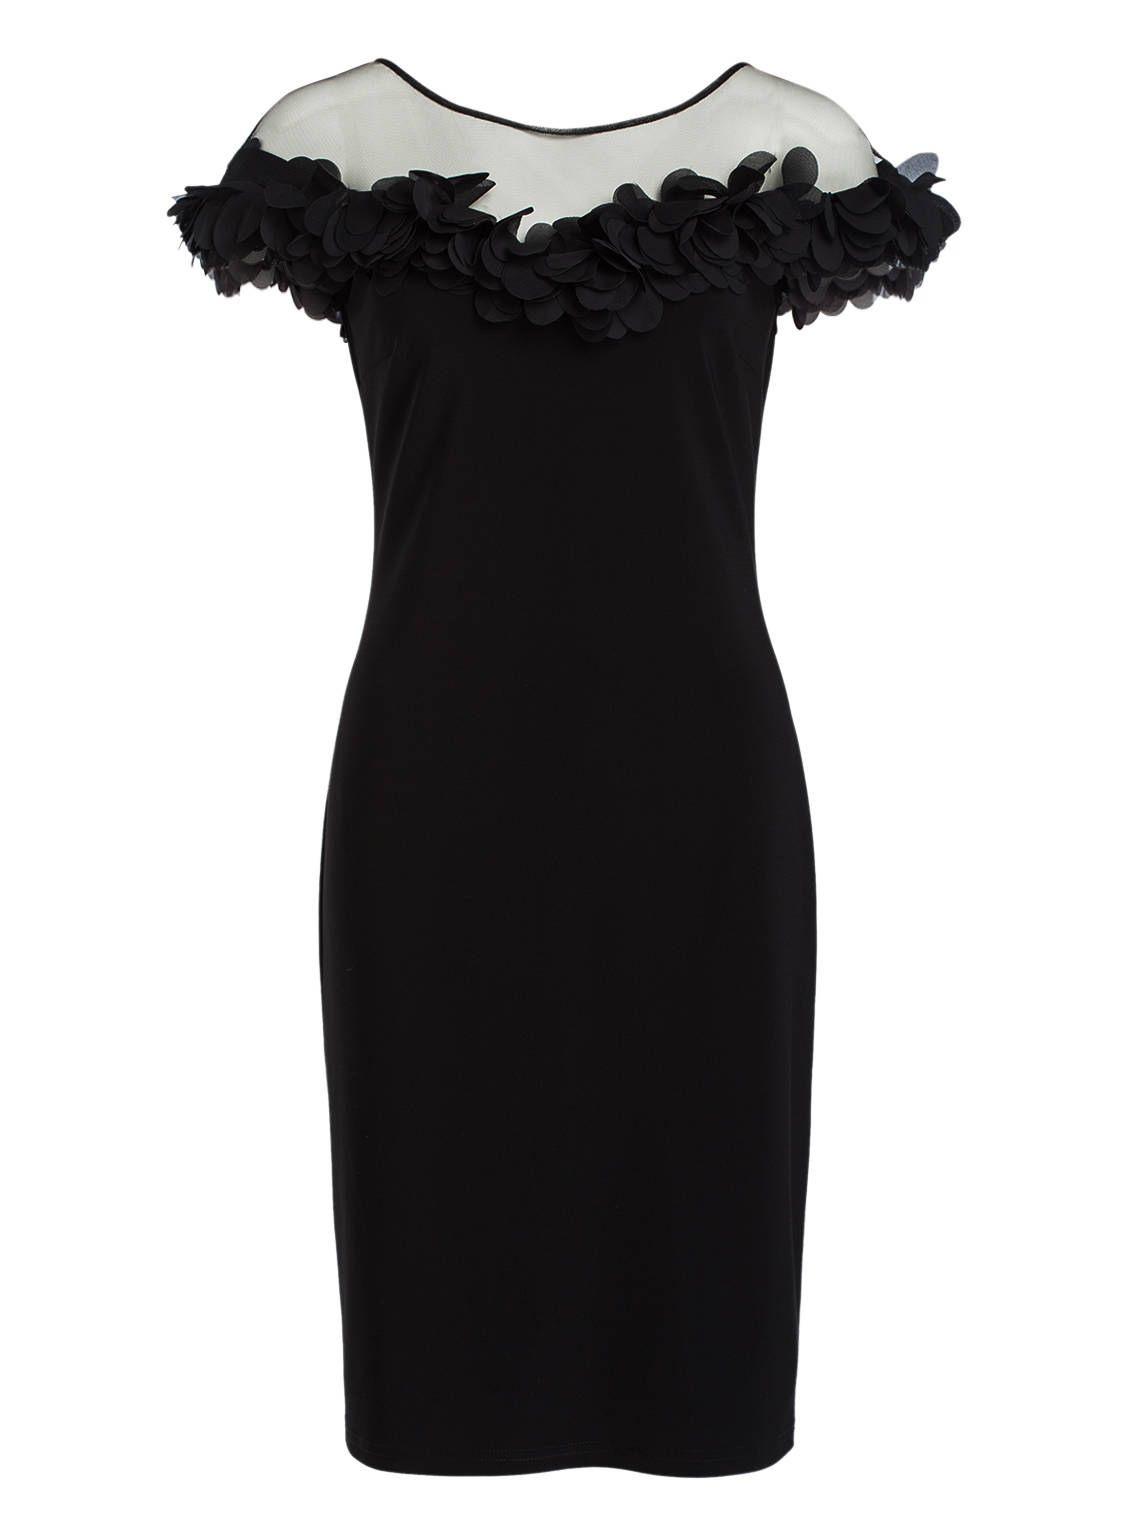 20 Leicht Abendkleid Joseph Ribkoff ÄrmelDesigner Elegant Abendkleid Joseph Ribkoff Galerie